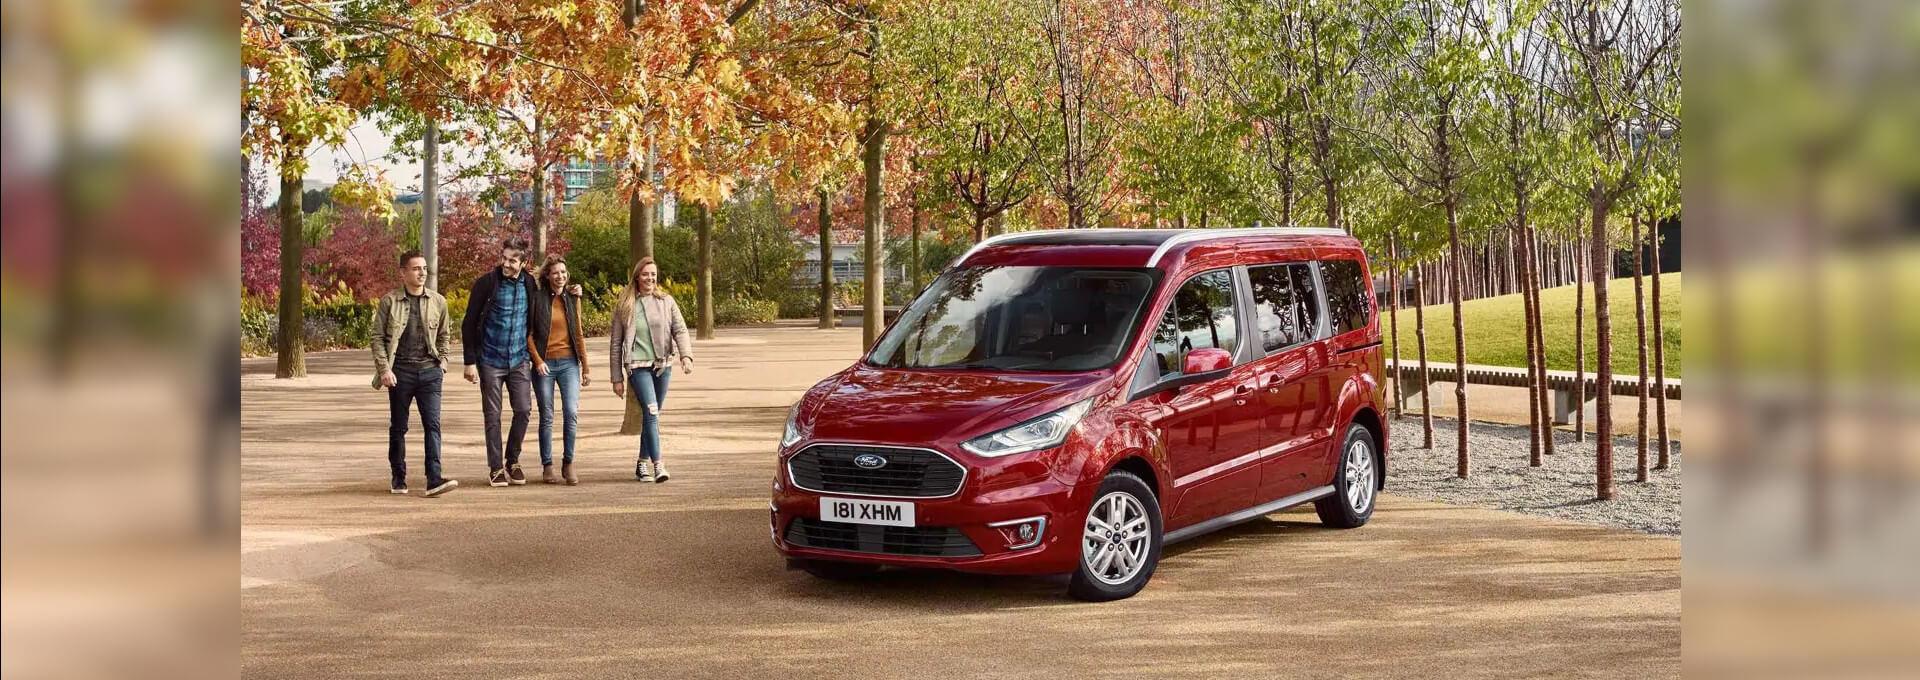 Tourneo Connect roter Ford Van im Herbst vor Bäumen